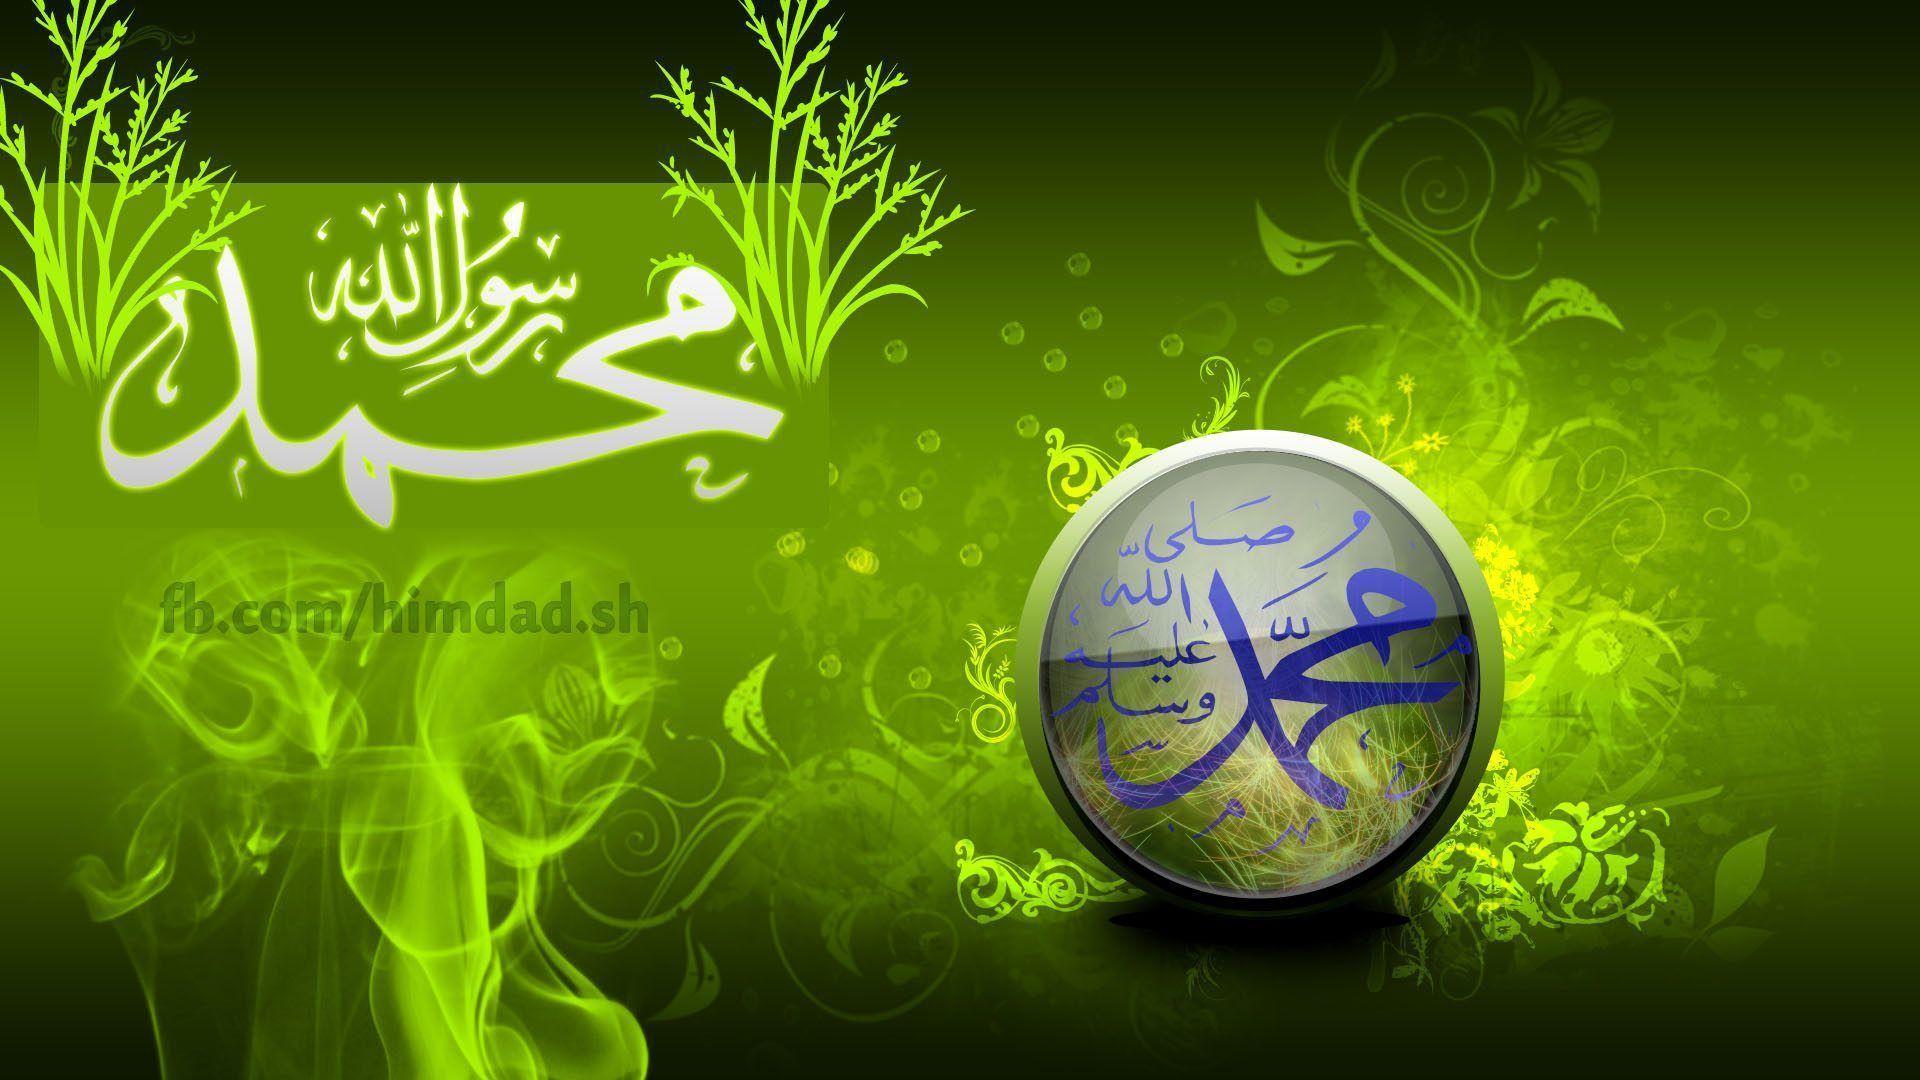 Unduh 43 Koleksi Wallpaper Allah Dan Muhammad Hd HD Gratid